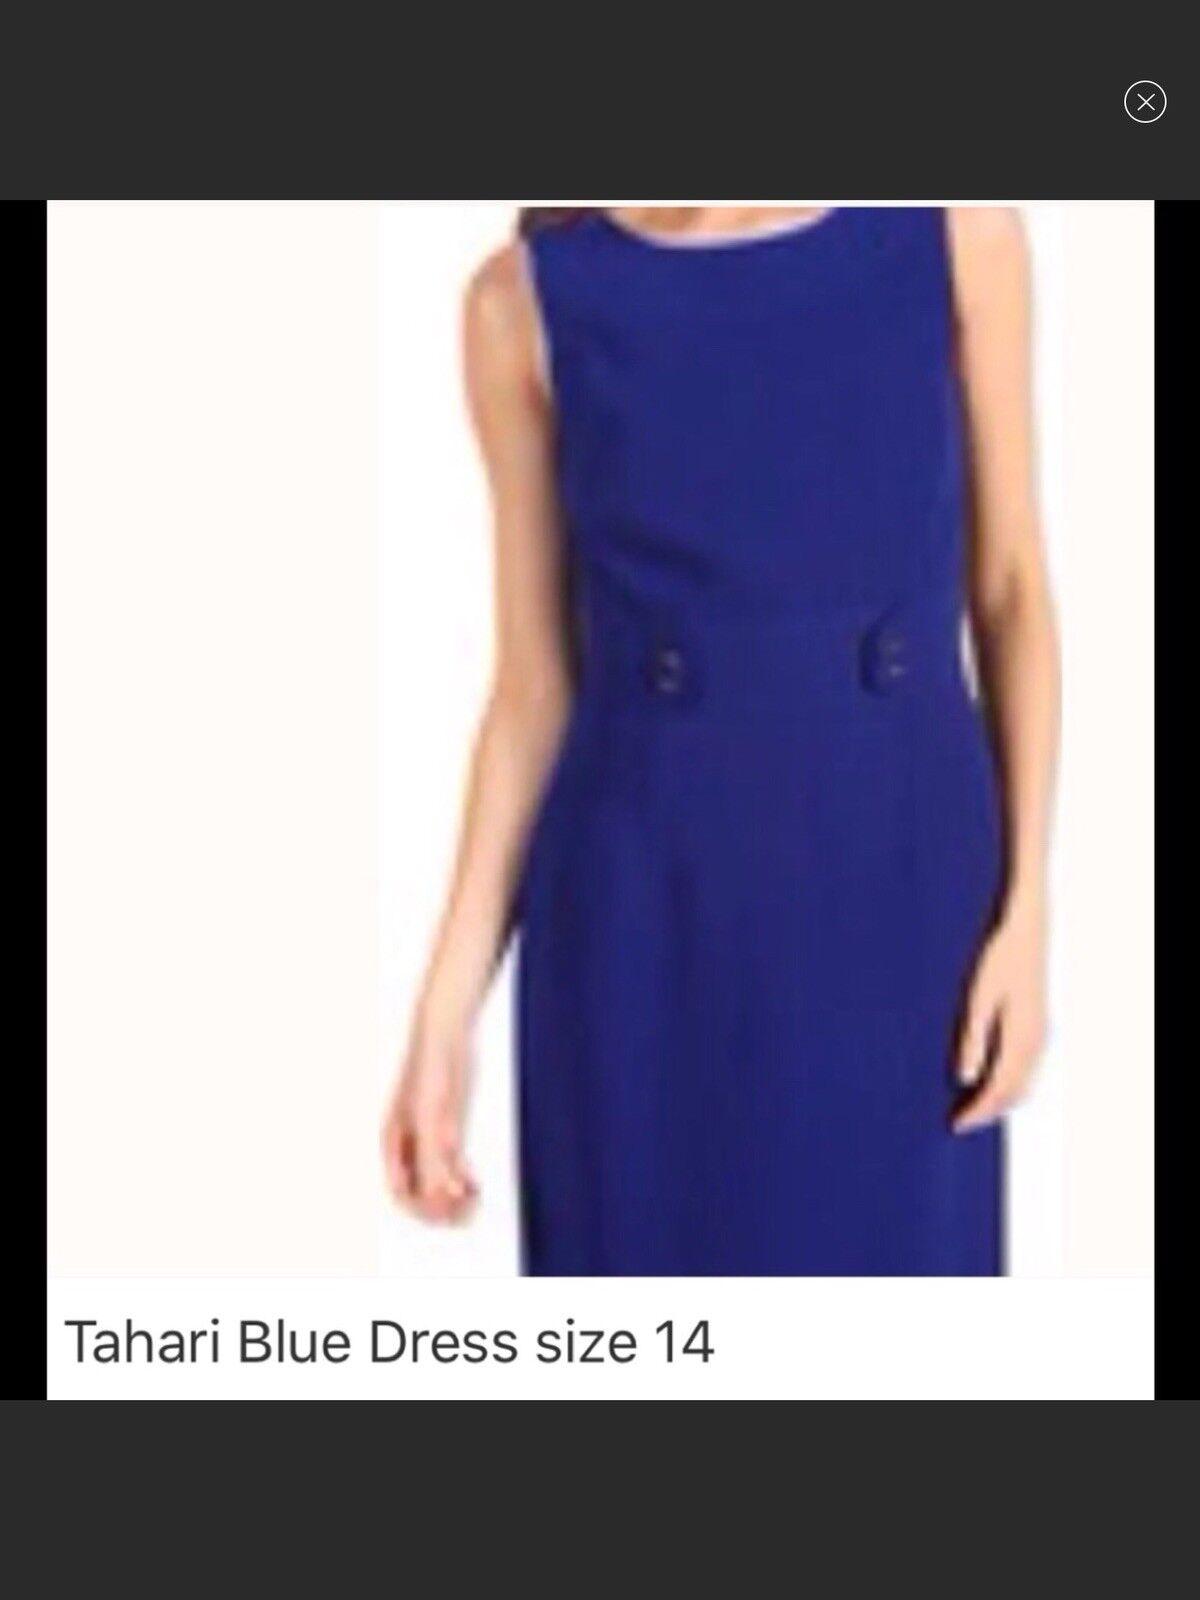 Tahari bluee Dress Size 12 & 14